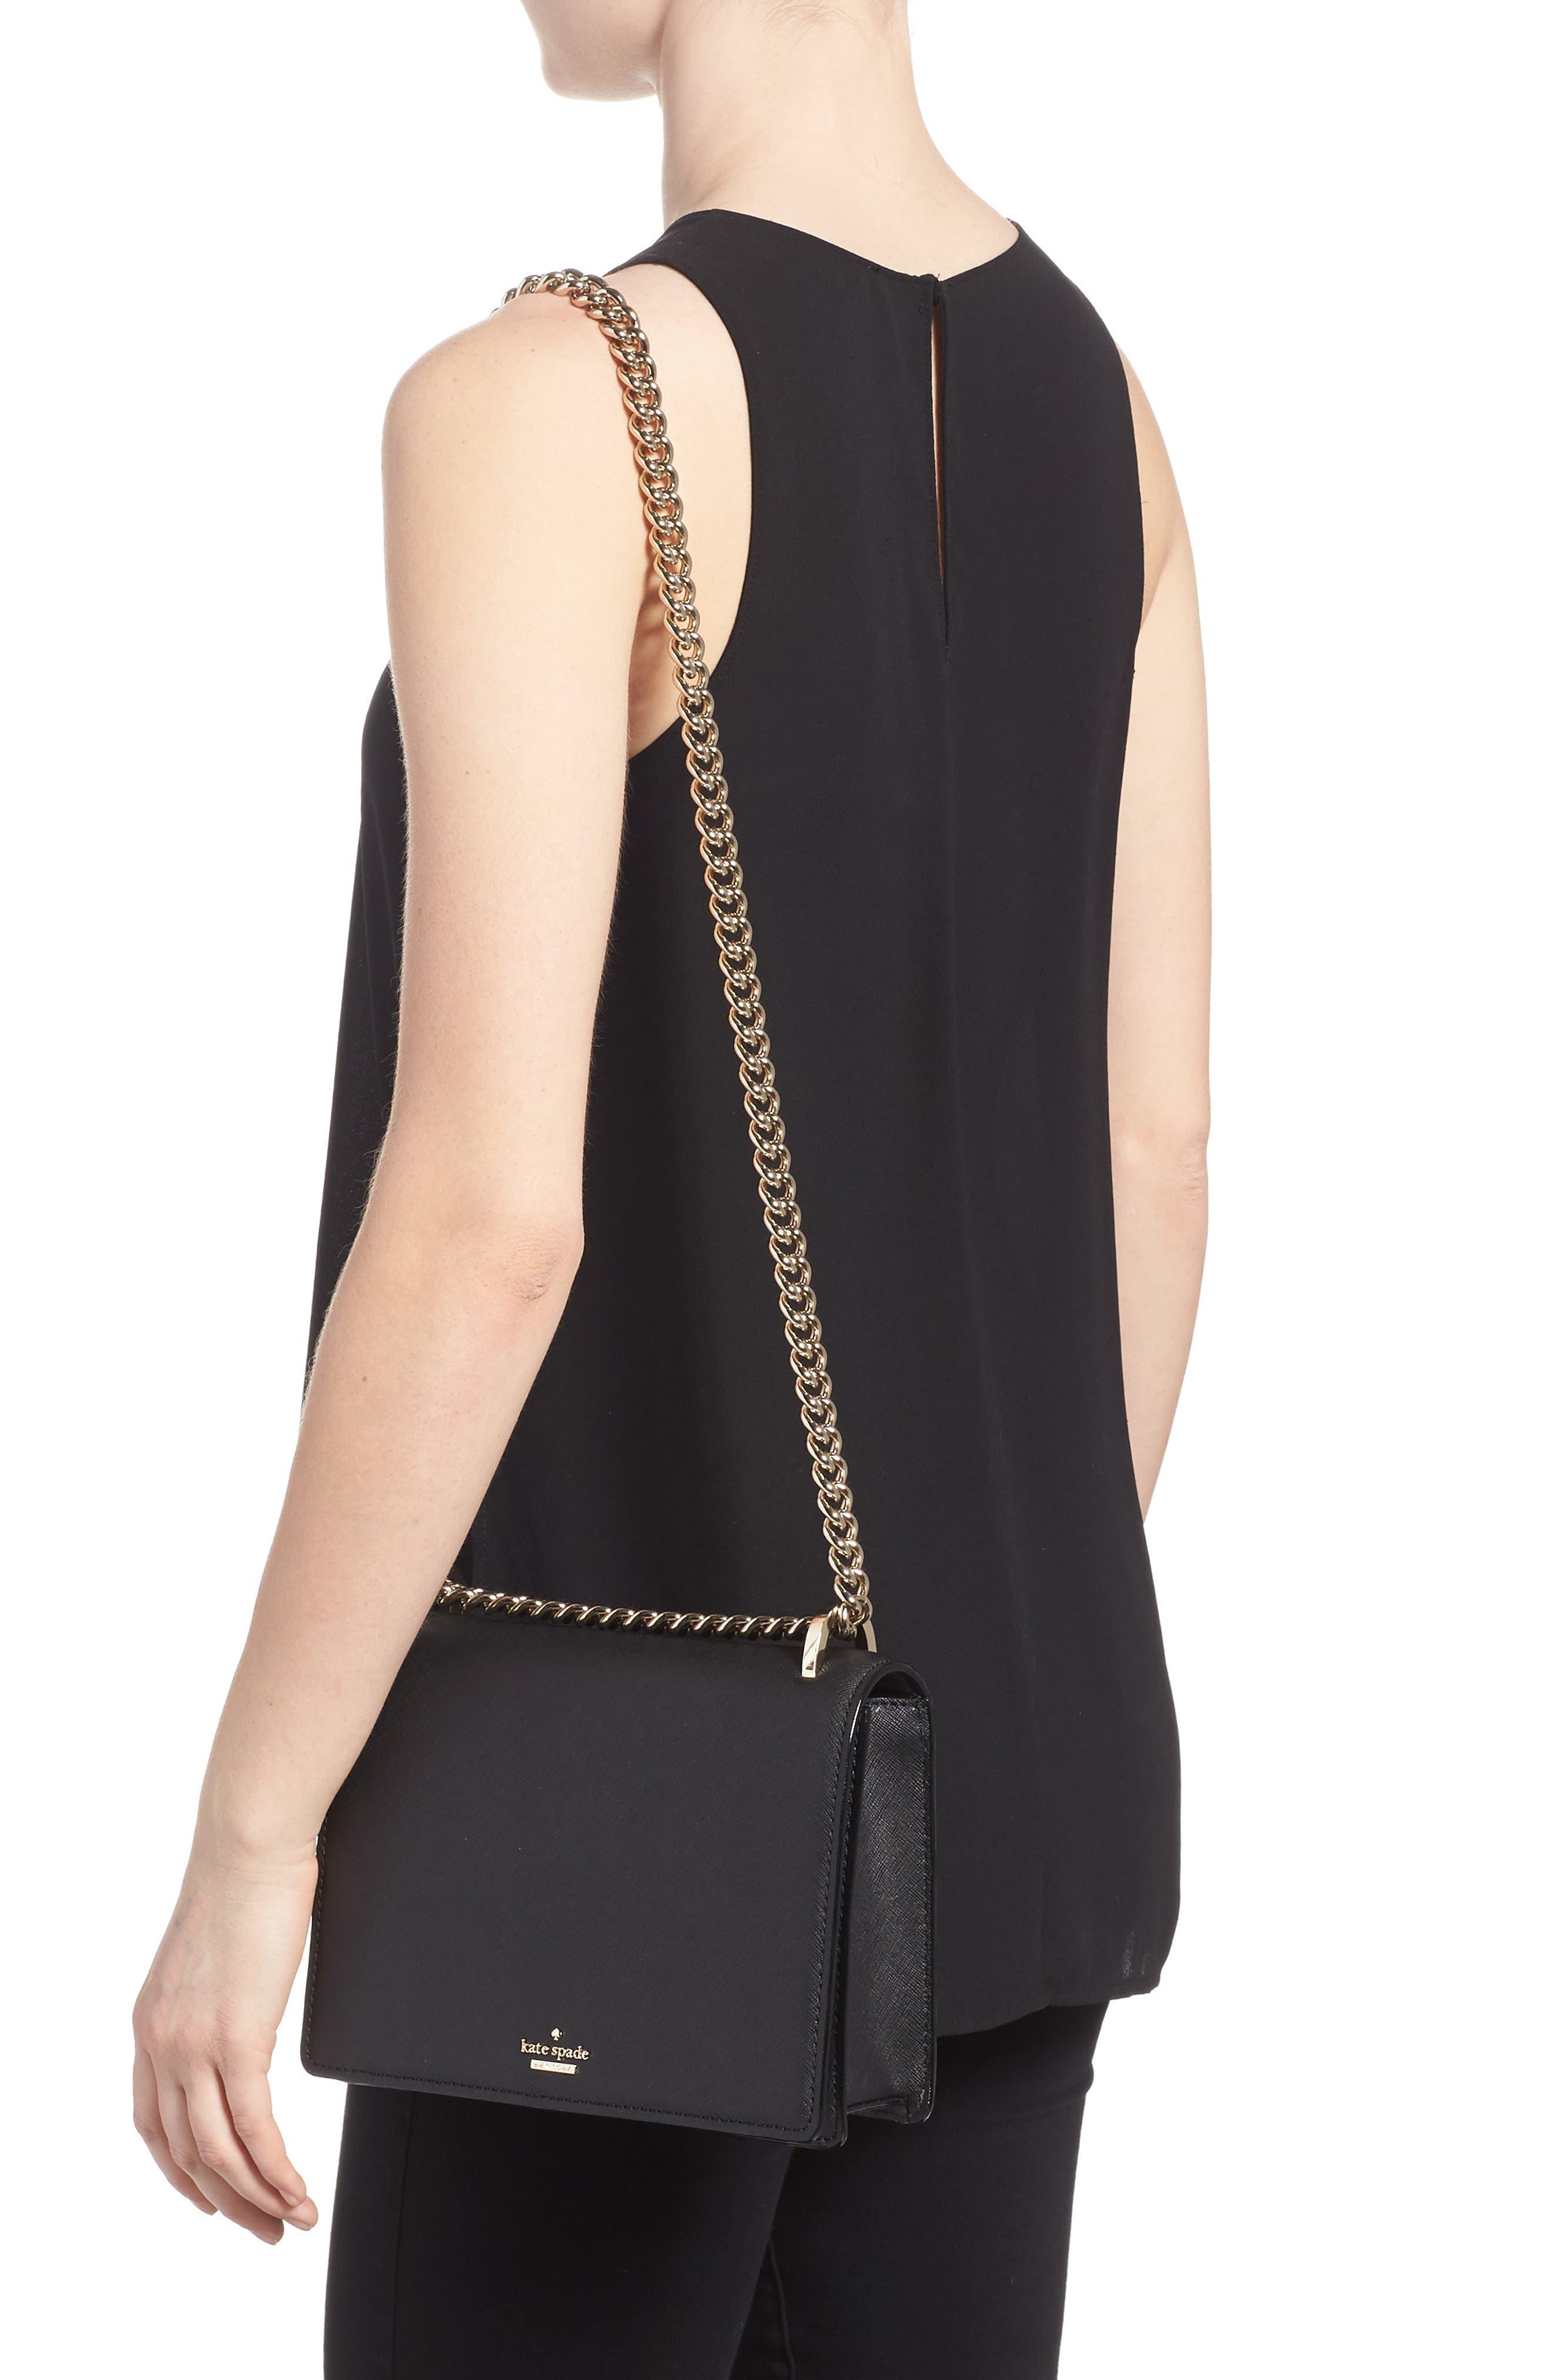 cameron street marci leather shoulder bag,                             Alternate thumbnail 2, color,                             Black